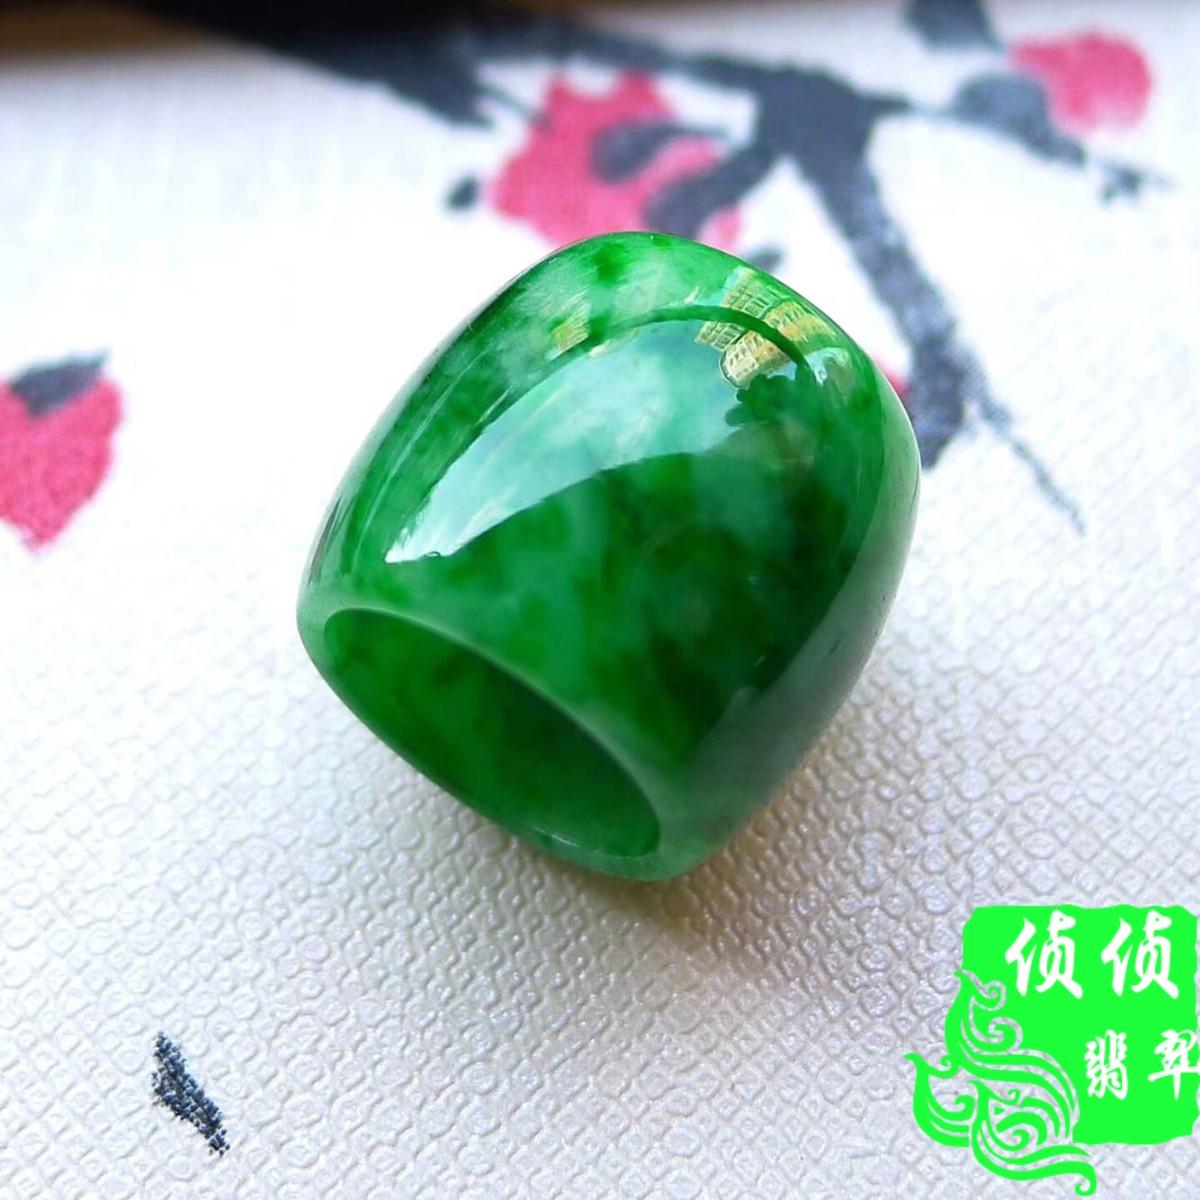 Паспарту полный зеленый изумруд A товары подвески шея украшения бисер день жемчужина нефрит осень пряный зеленая вода прибыль подарки сертификат прекрасный